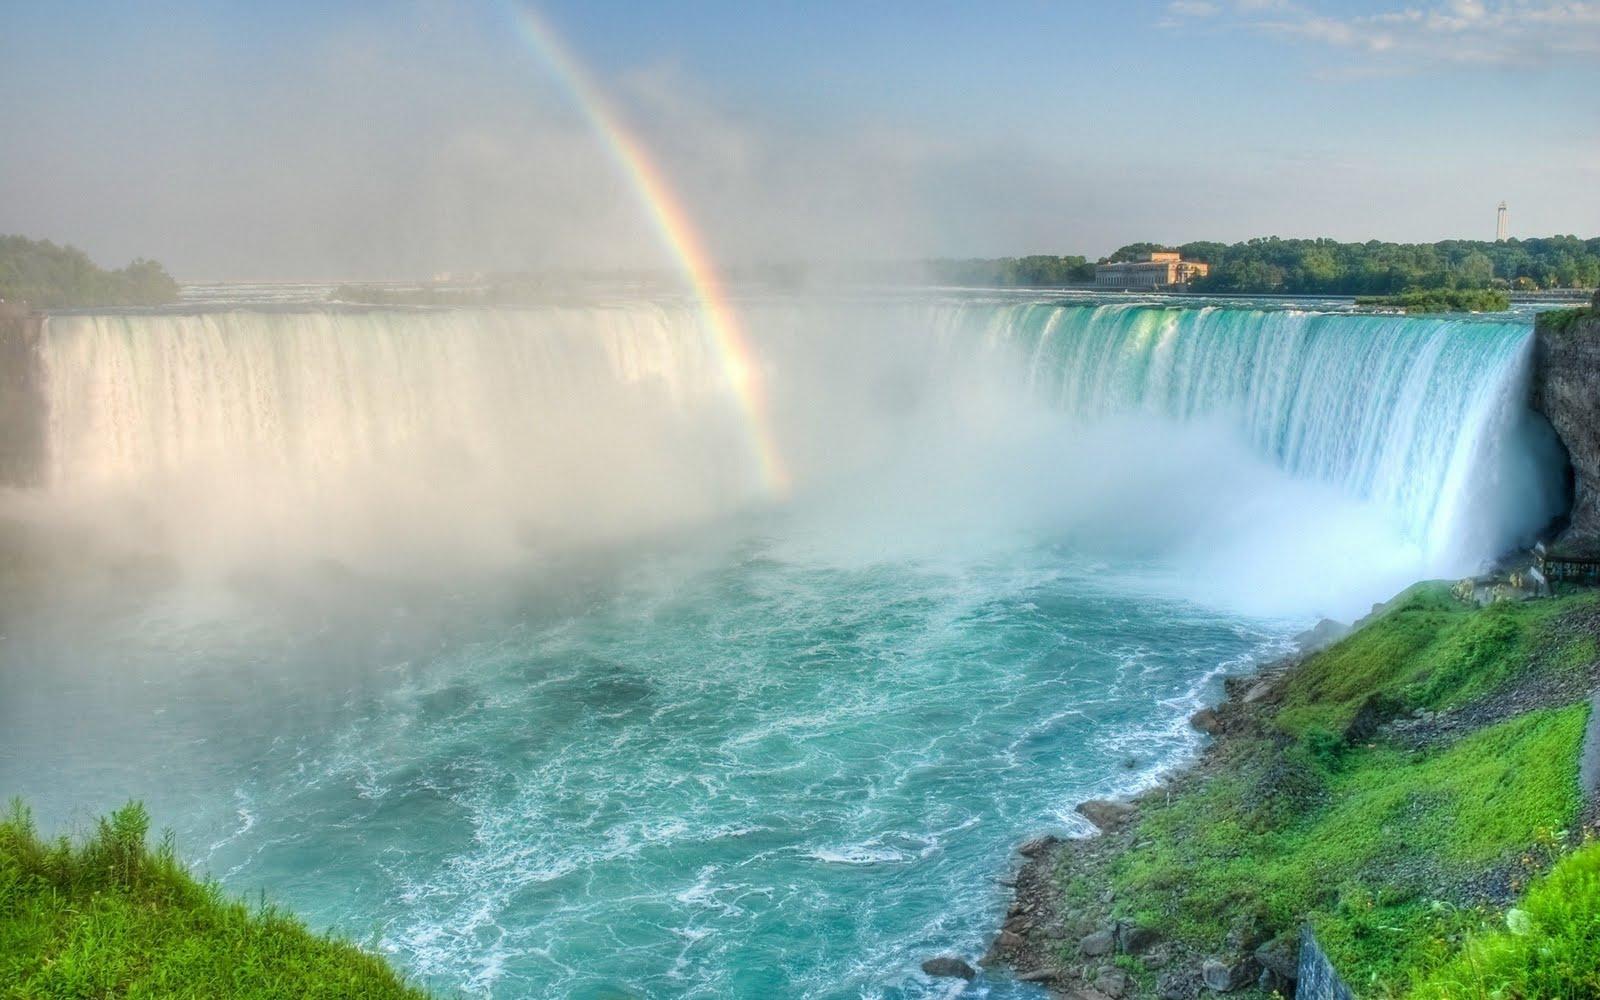 http://3.bp.blogspot.com/-ULns0bCpyQs/TiMiAoXam7I/AAAAAAAACM0/WTmL5Pc_eCw/s1600/rainbow_hd_wallpaper_5.jpg